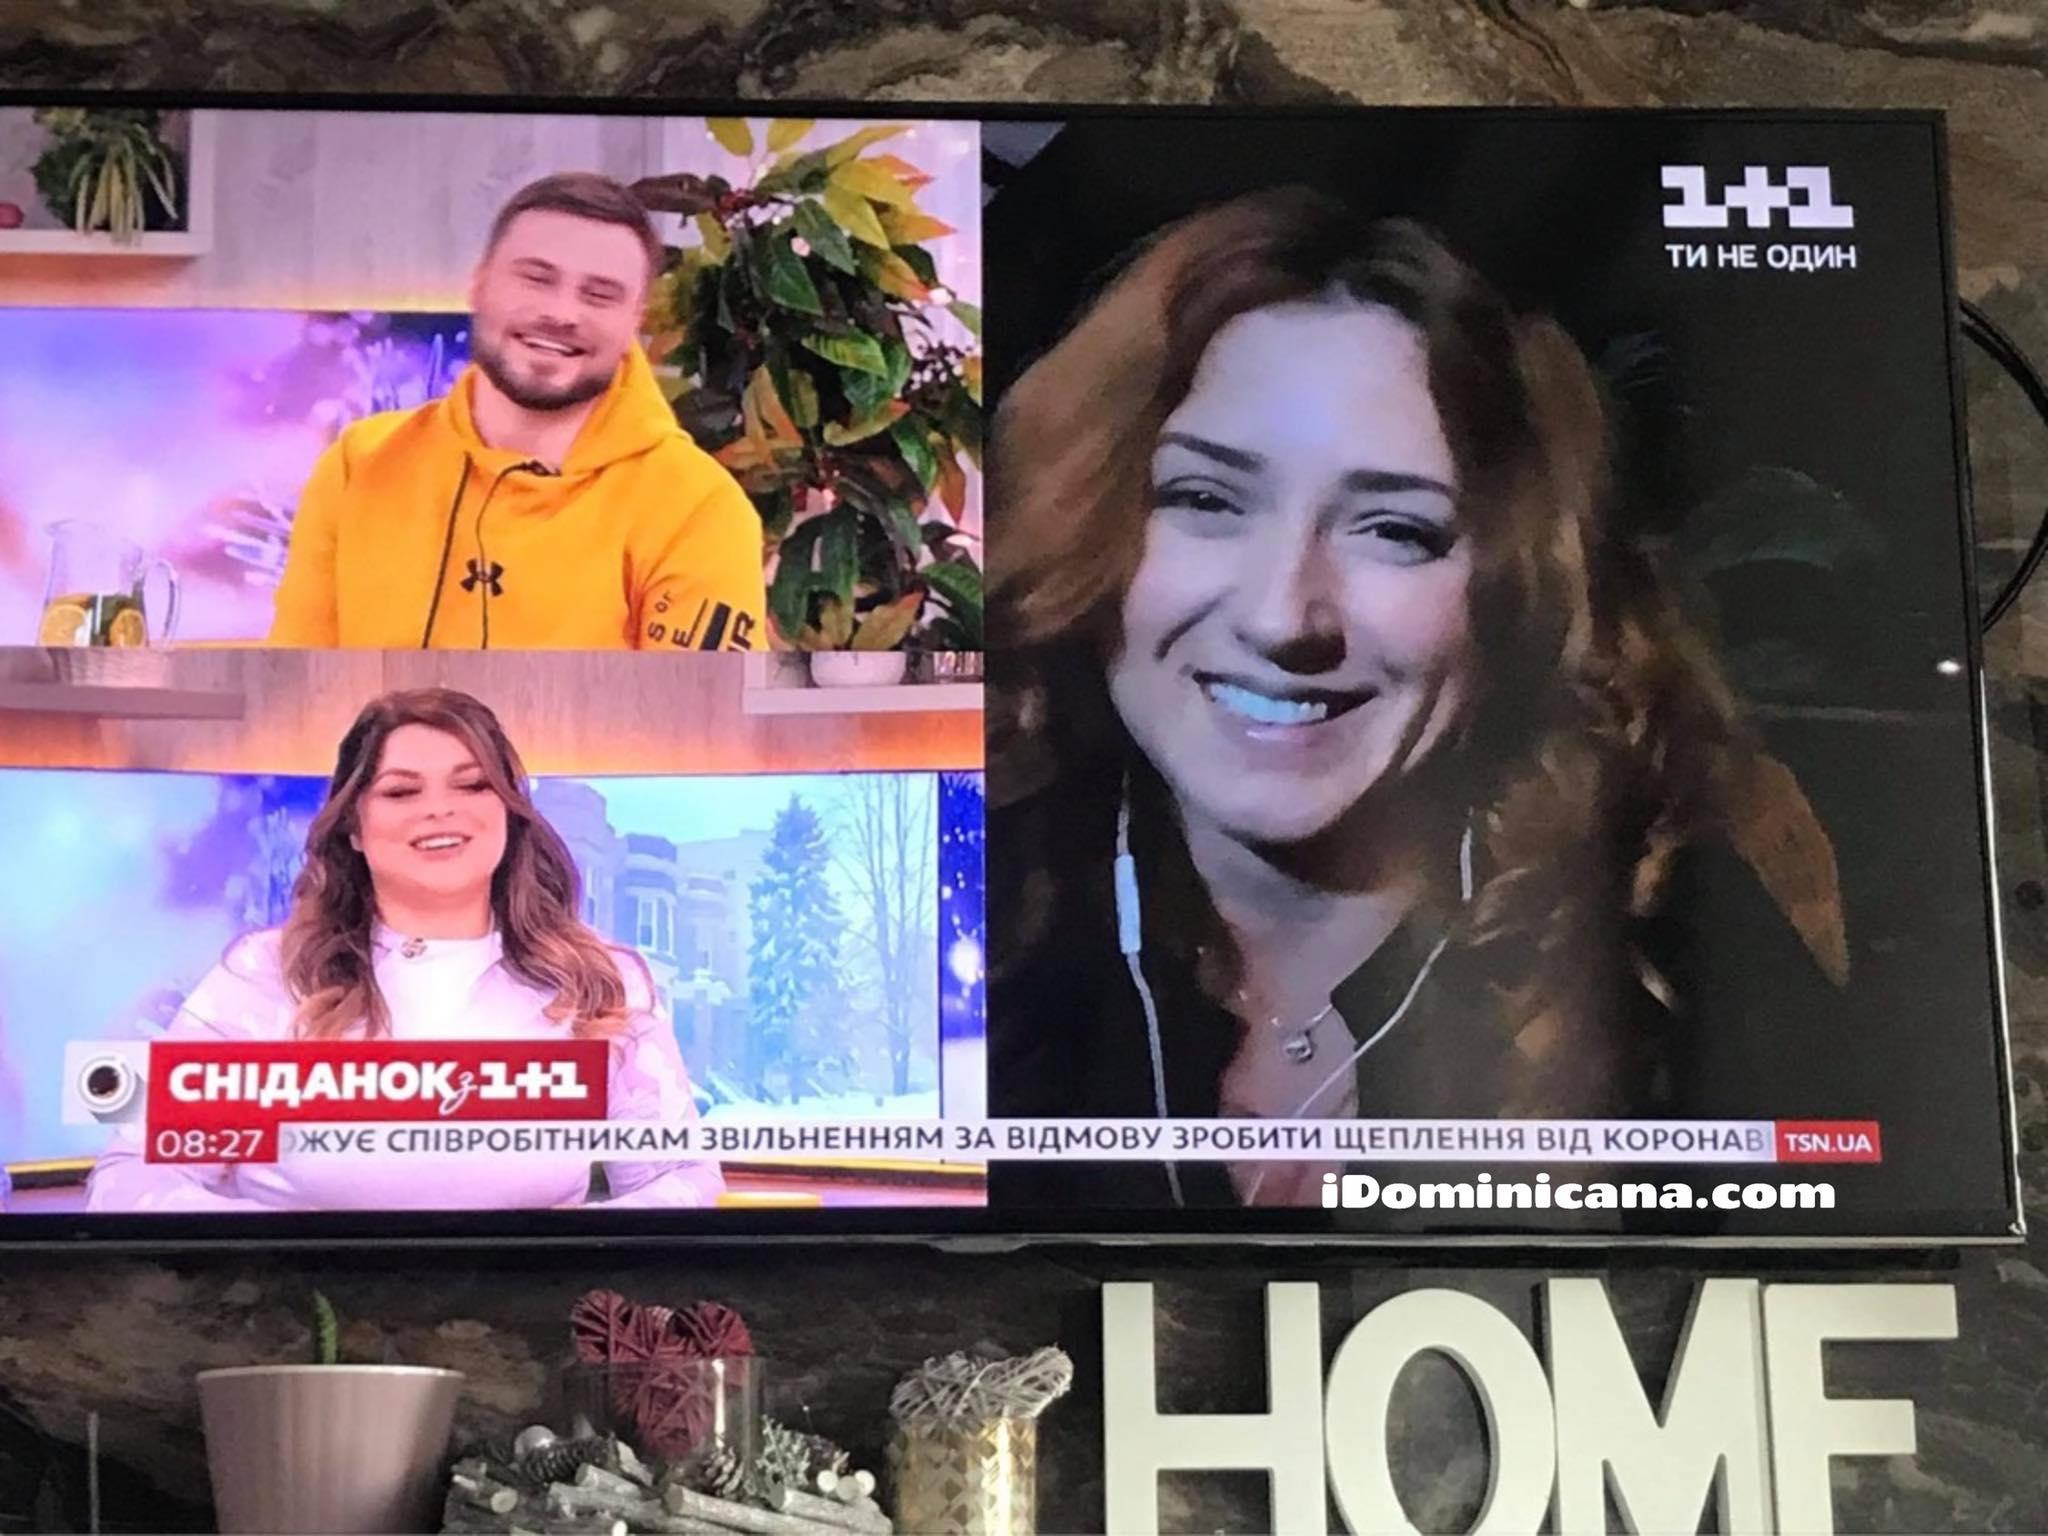 Элина Сергачева в эфире канала 1+1 рассказала об отдыхе в Доминикане в 2021 г